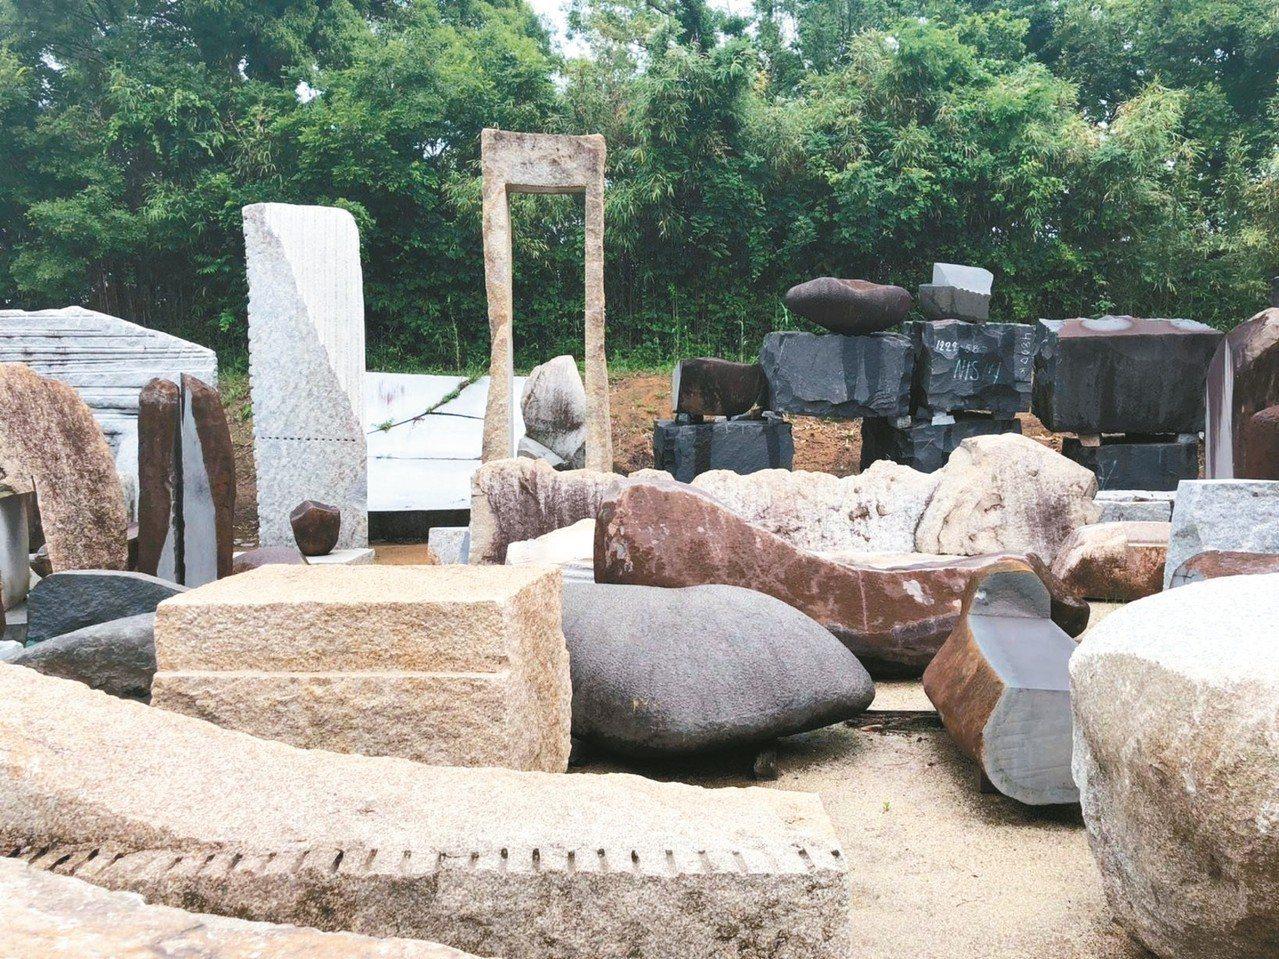 野口勇庭園美術館中錯落有致的石塊。 圖/陳瑞憲提供